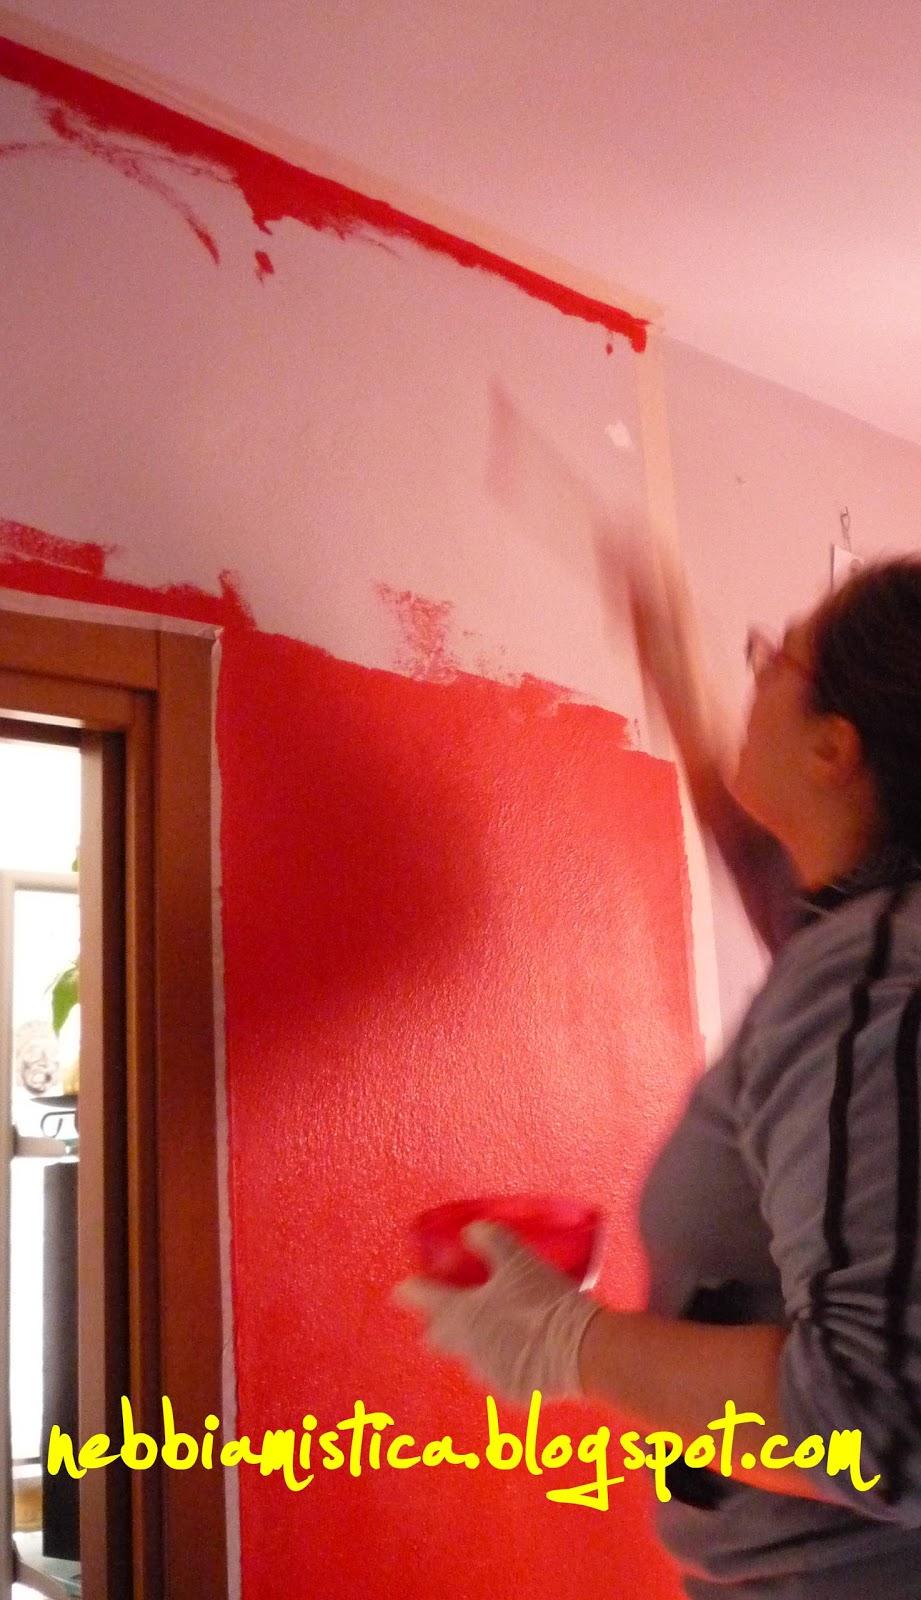 Nebbia mistica make up febbraio 2011 - Pittura per cucina ...